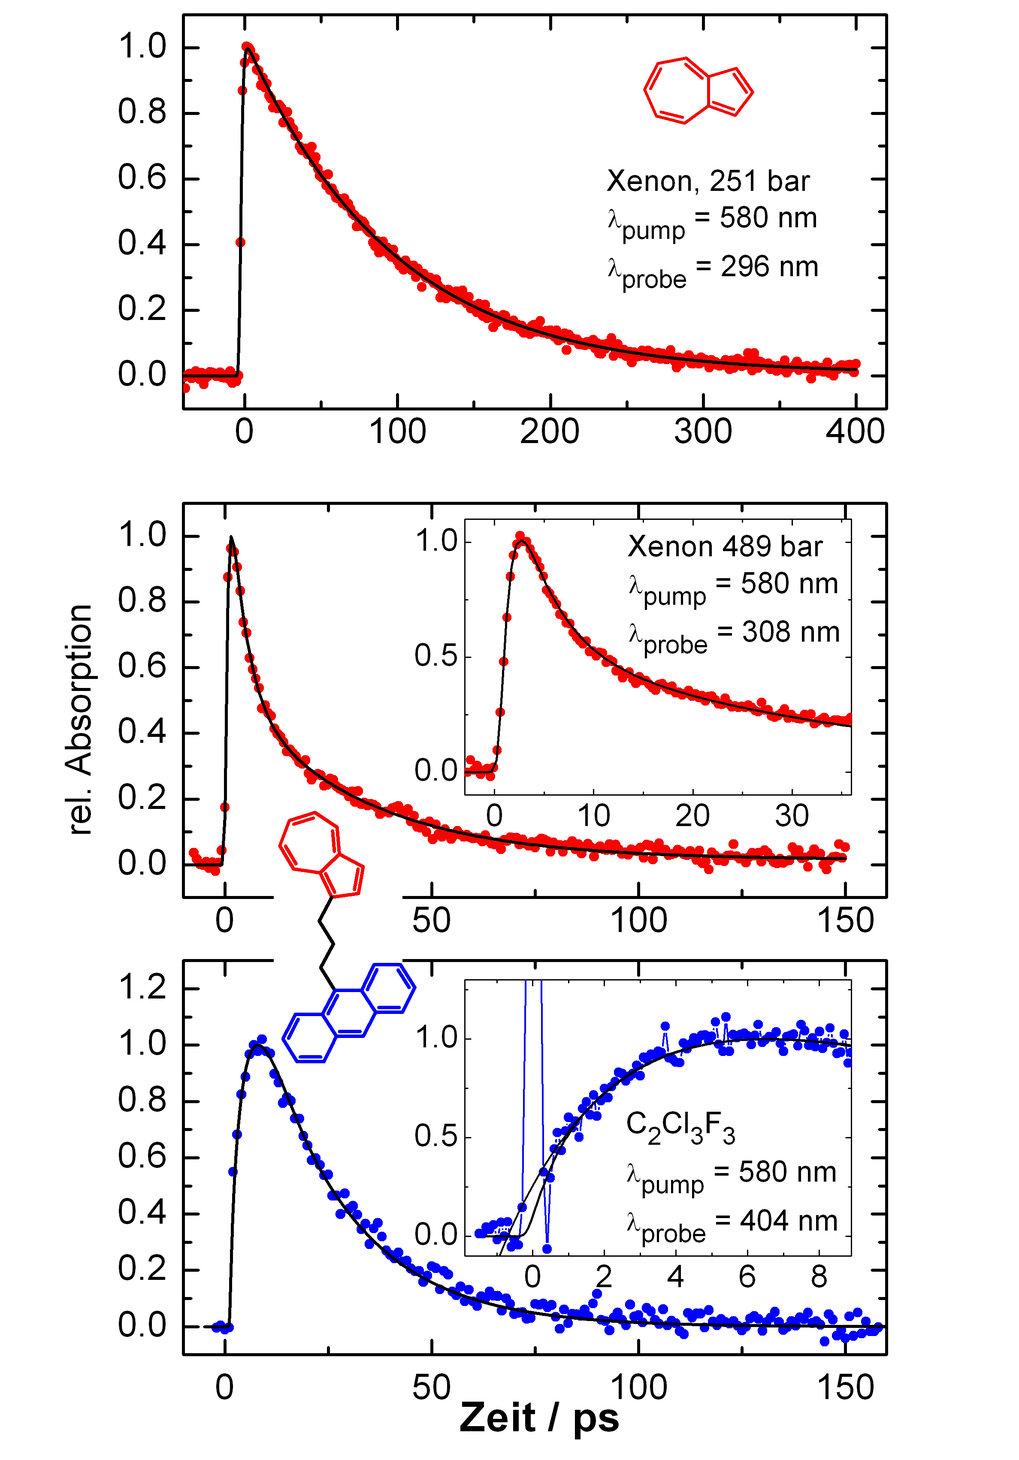 Absorptions-Zeit-Profile: Stoßdesaktivierung von Azulen in Xenon (oben); intramolekularer Energiefluss und anschließende Stoßdesaktivierung beim Azule